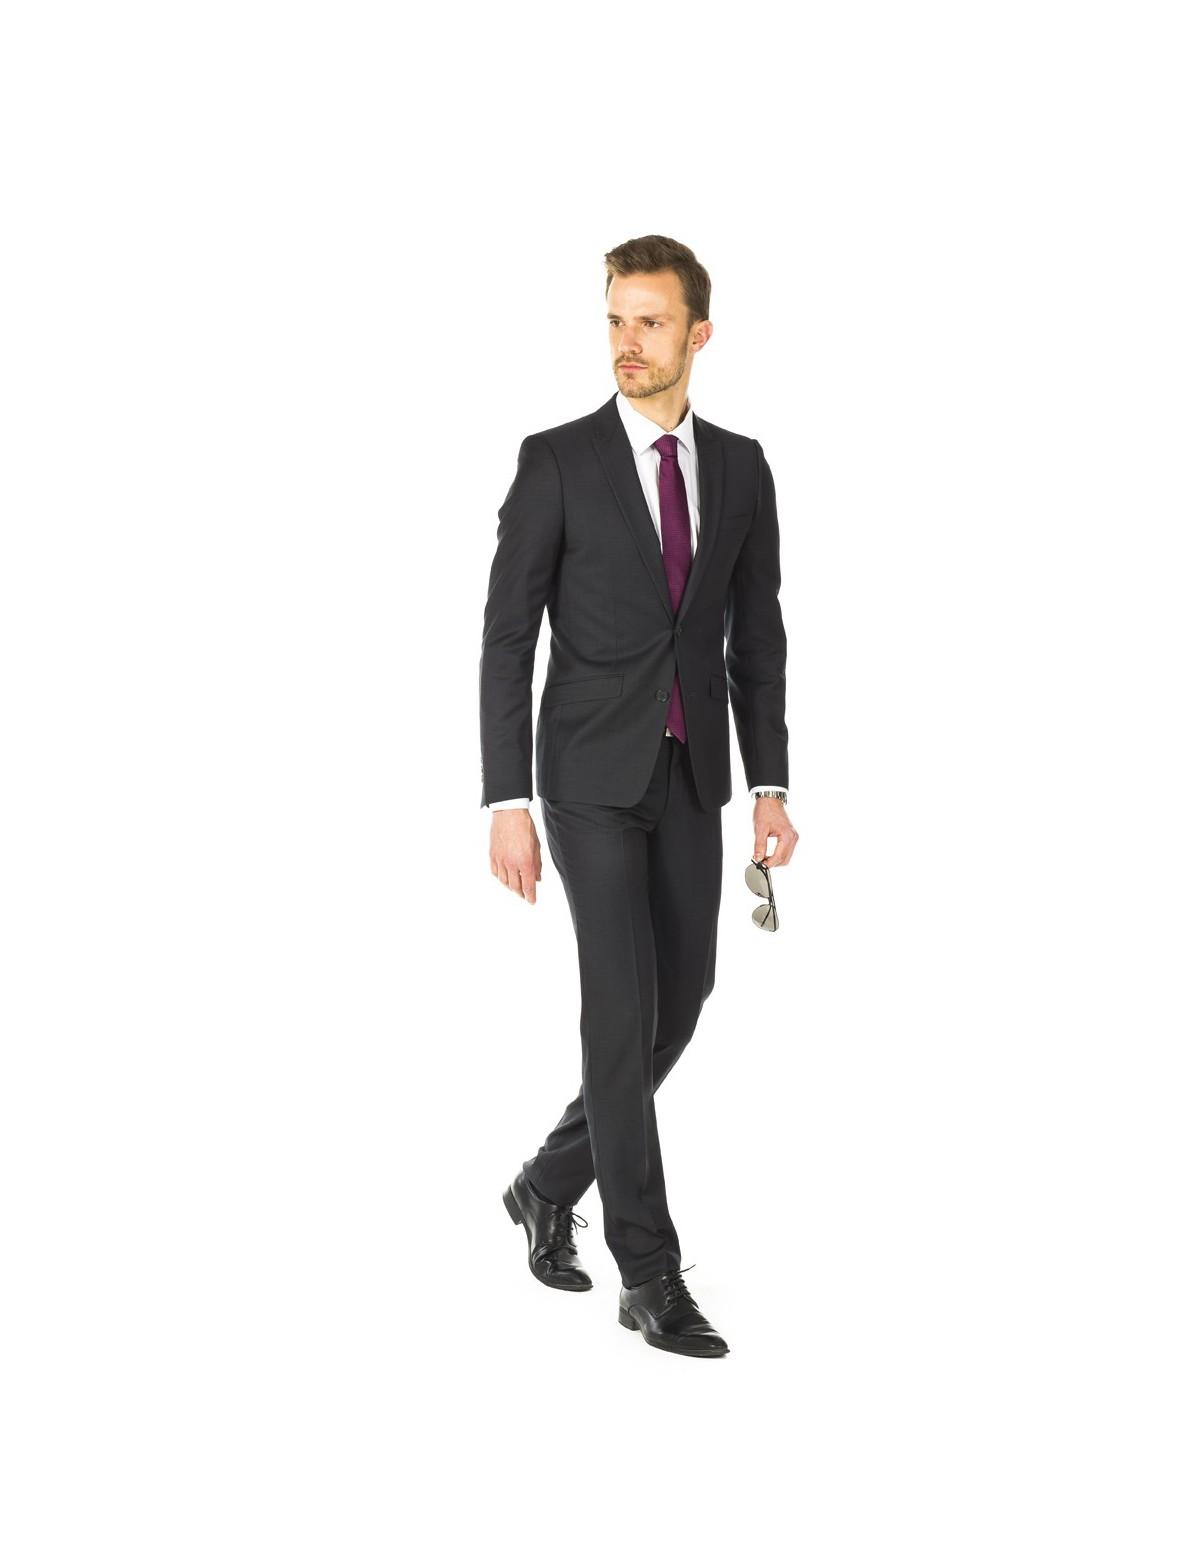 meilleure qualité utilisation durable regarder Quelle couleur de cravate avec son costume homme ?